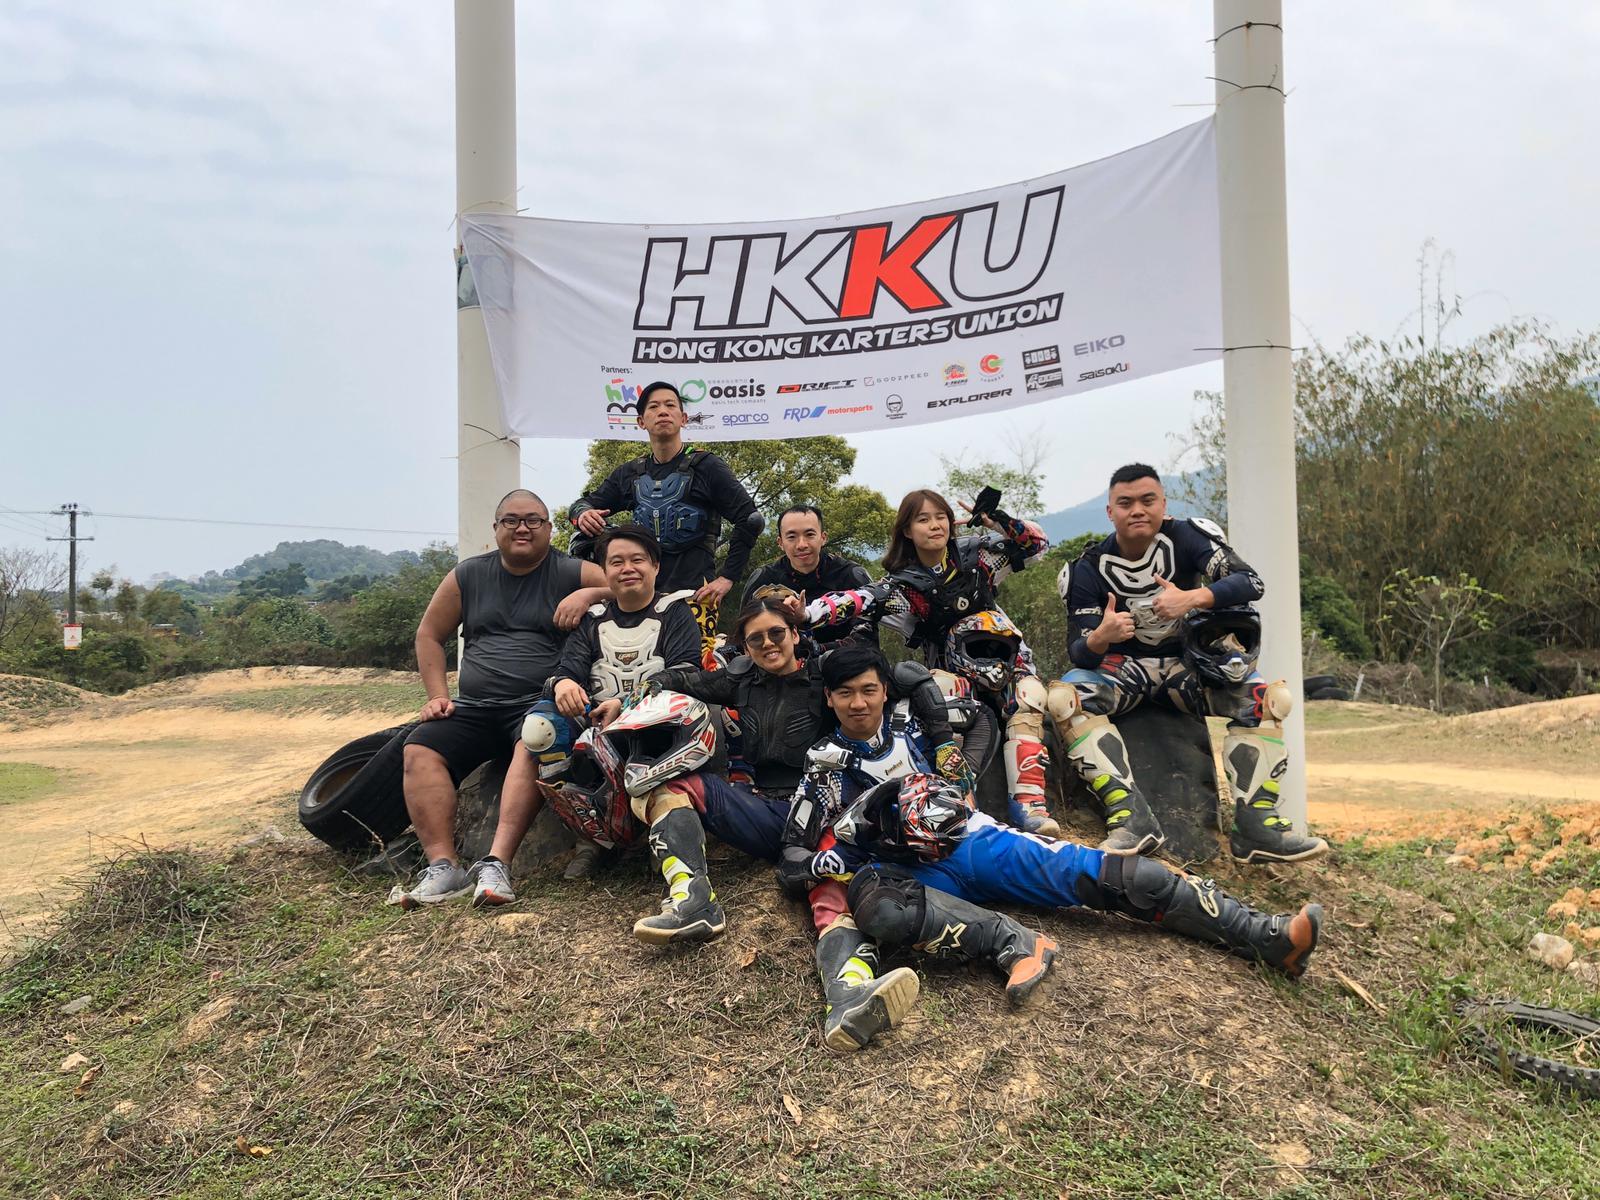 Motocross_HKKU